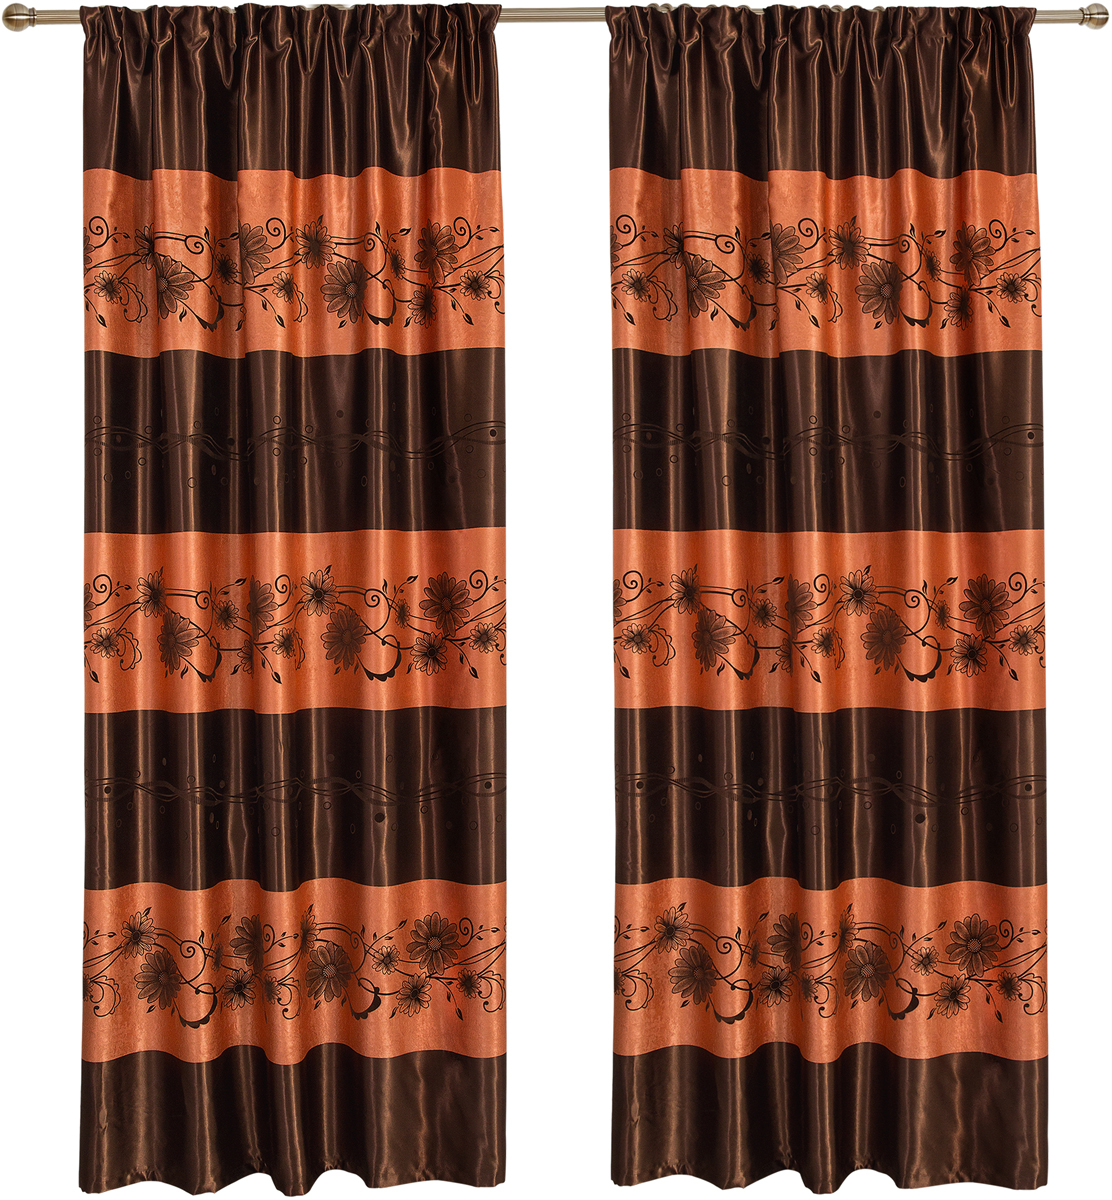 Комплект штор Zlata Korunka, на ленте, цвет: коричневый, высота 265 см. 777130777130Шторы блекаут, светонепроницаемые, крепление шторная лента.